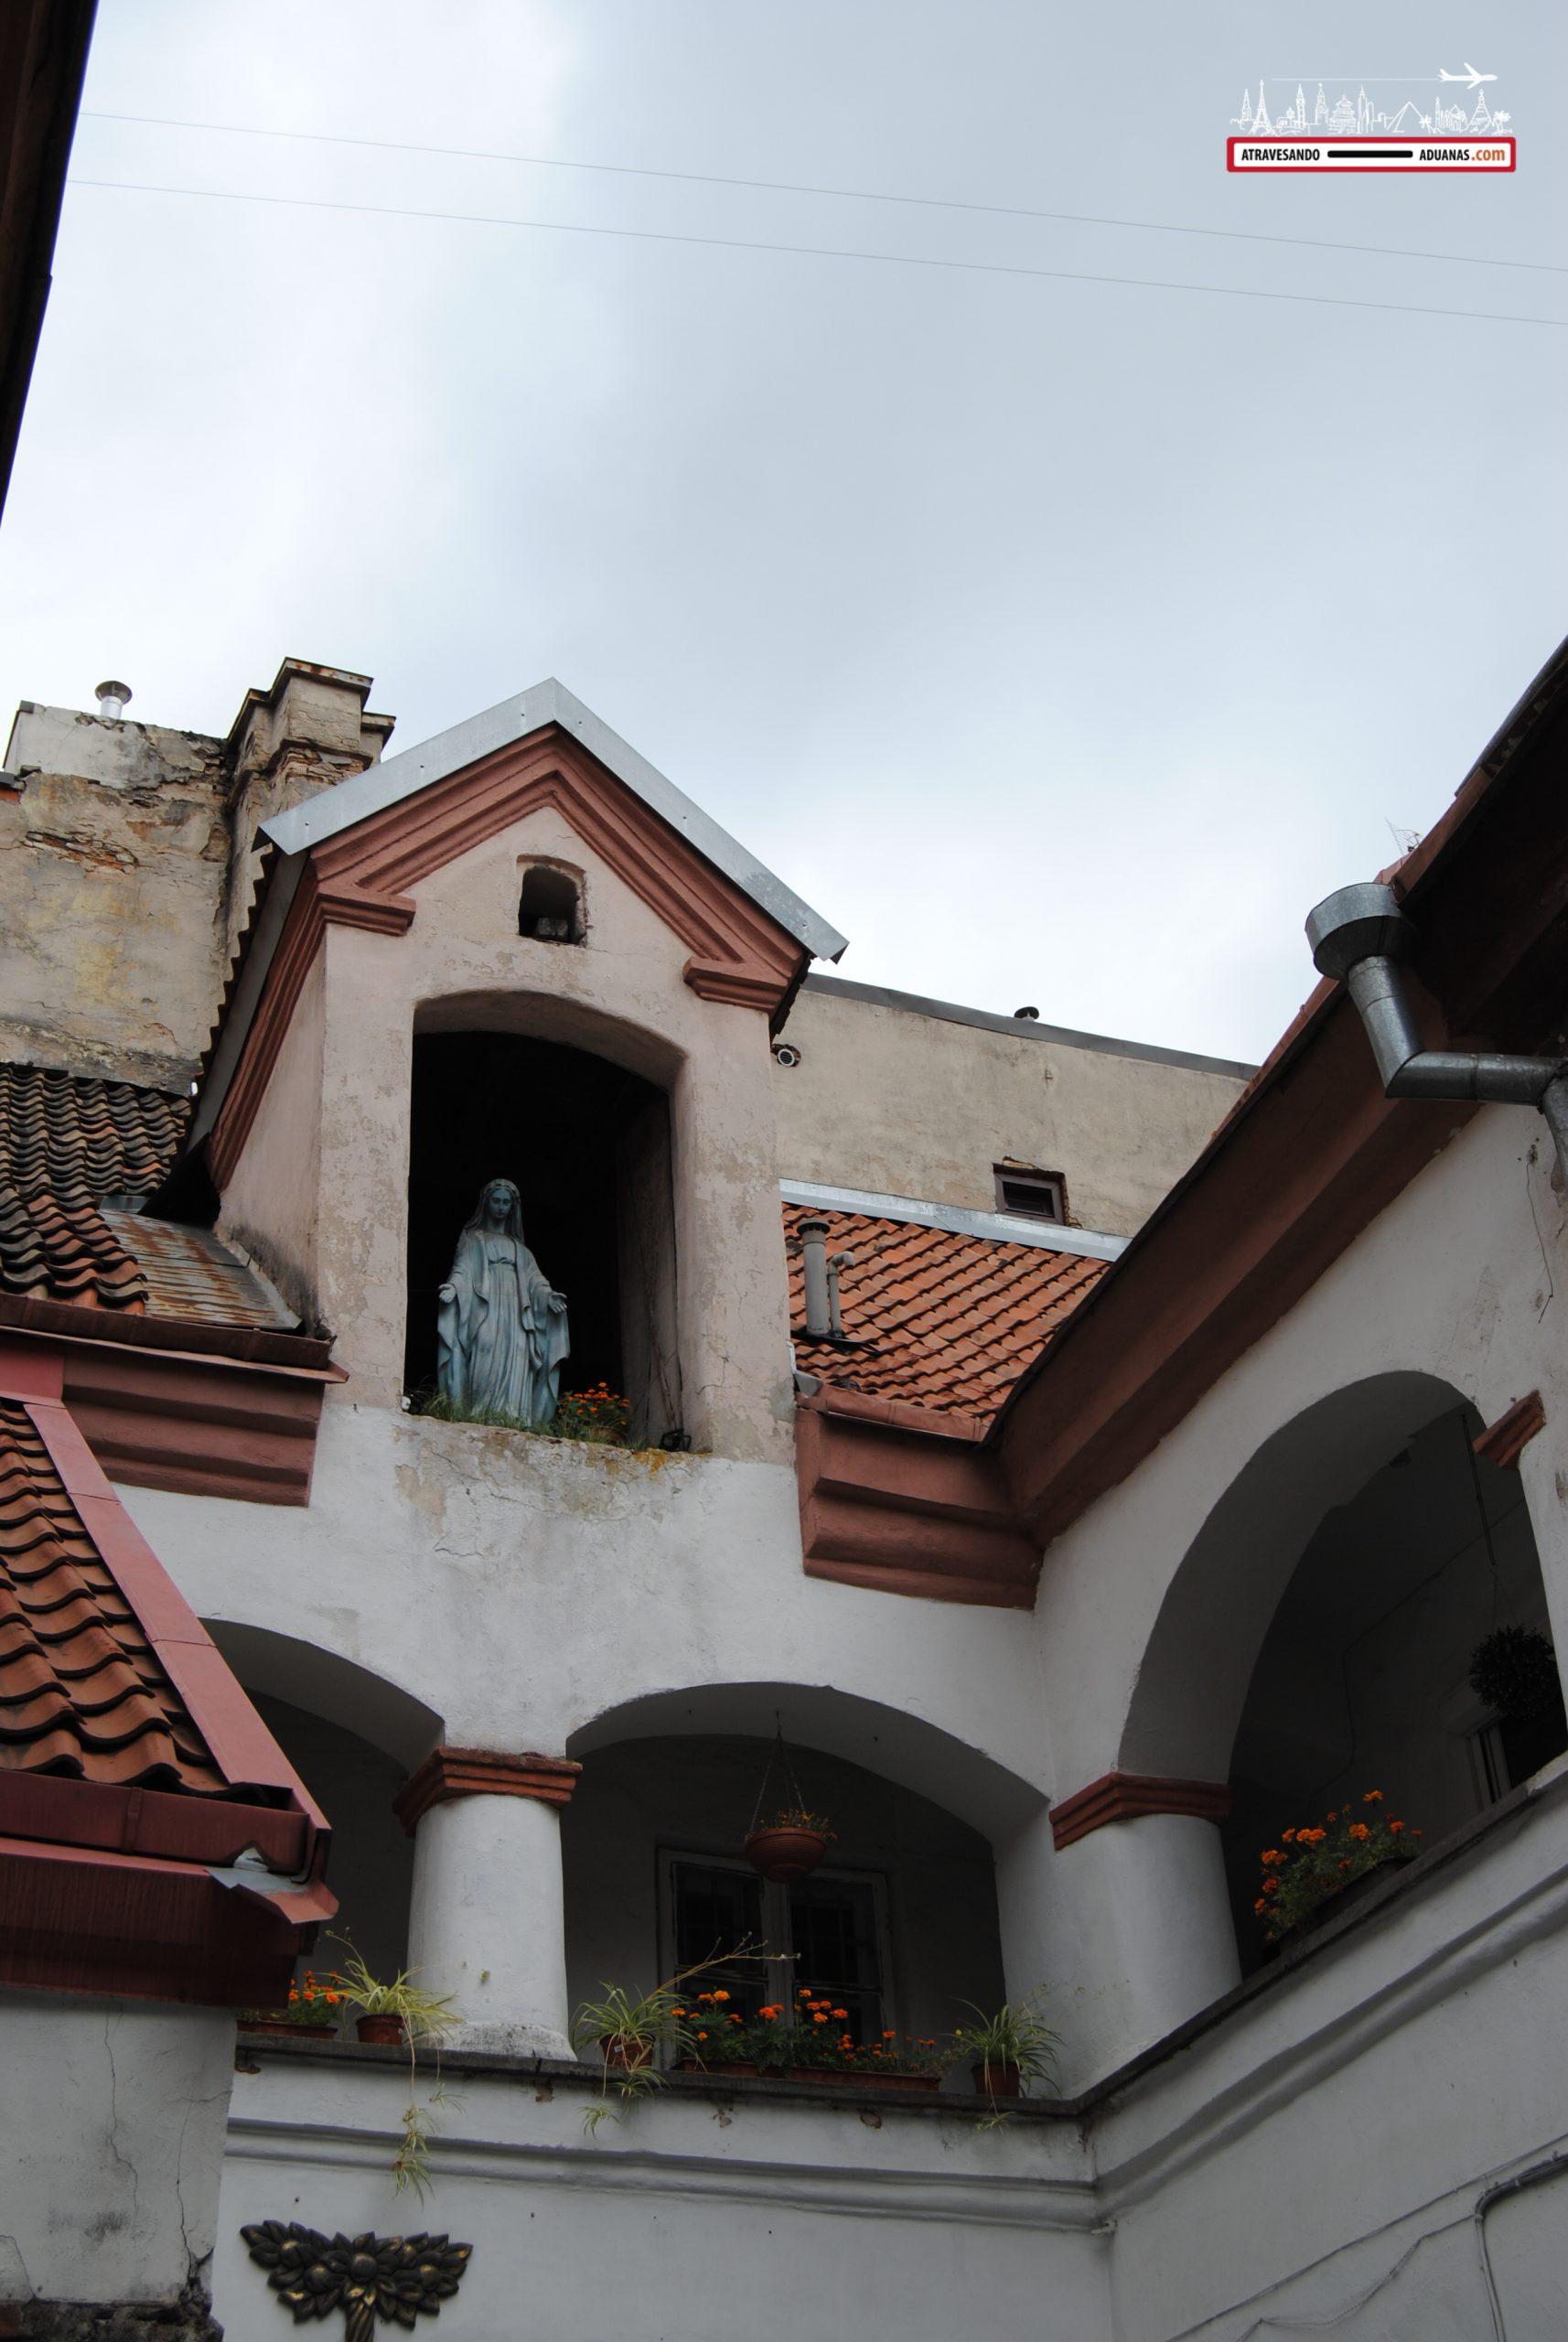 Sitio en el que se rodó una película en Vilnius